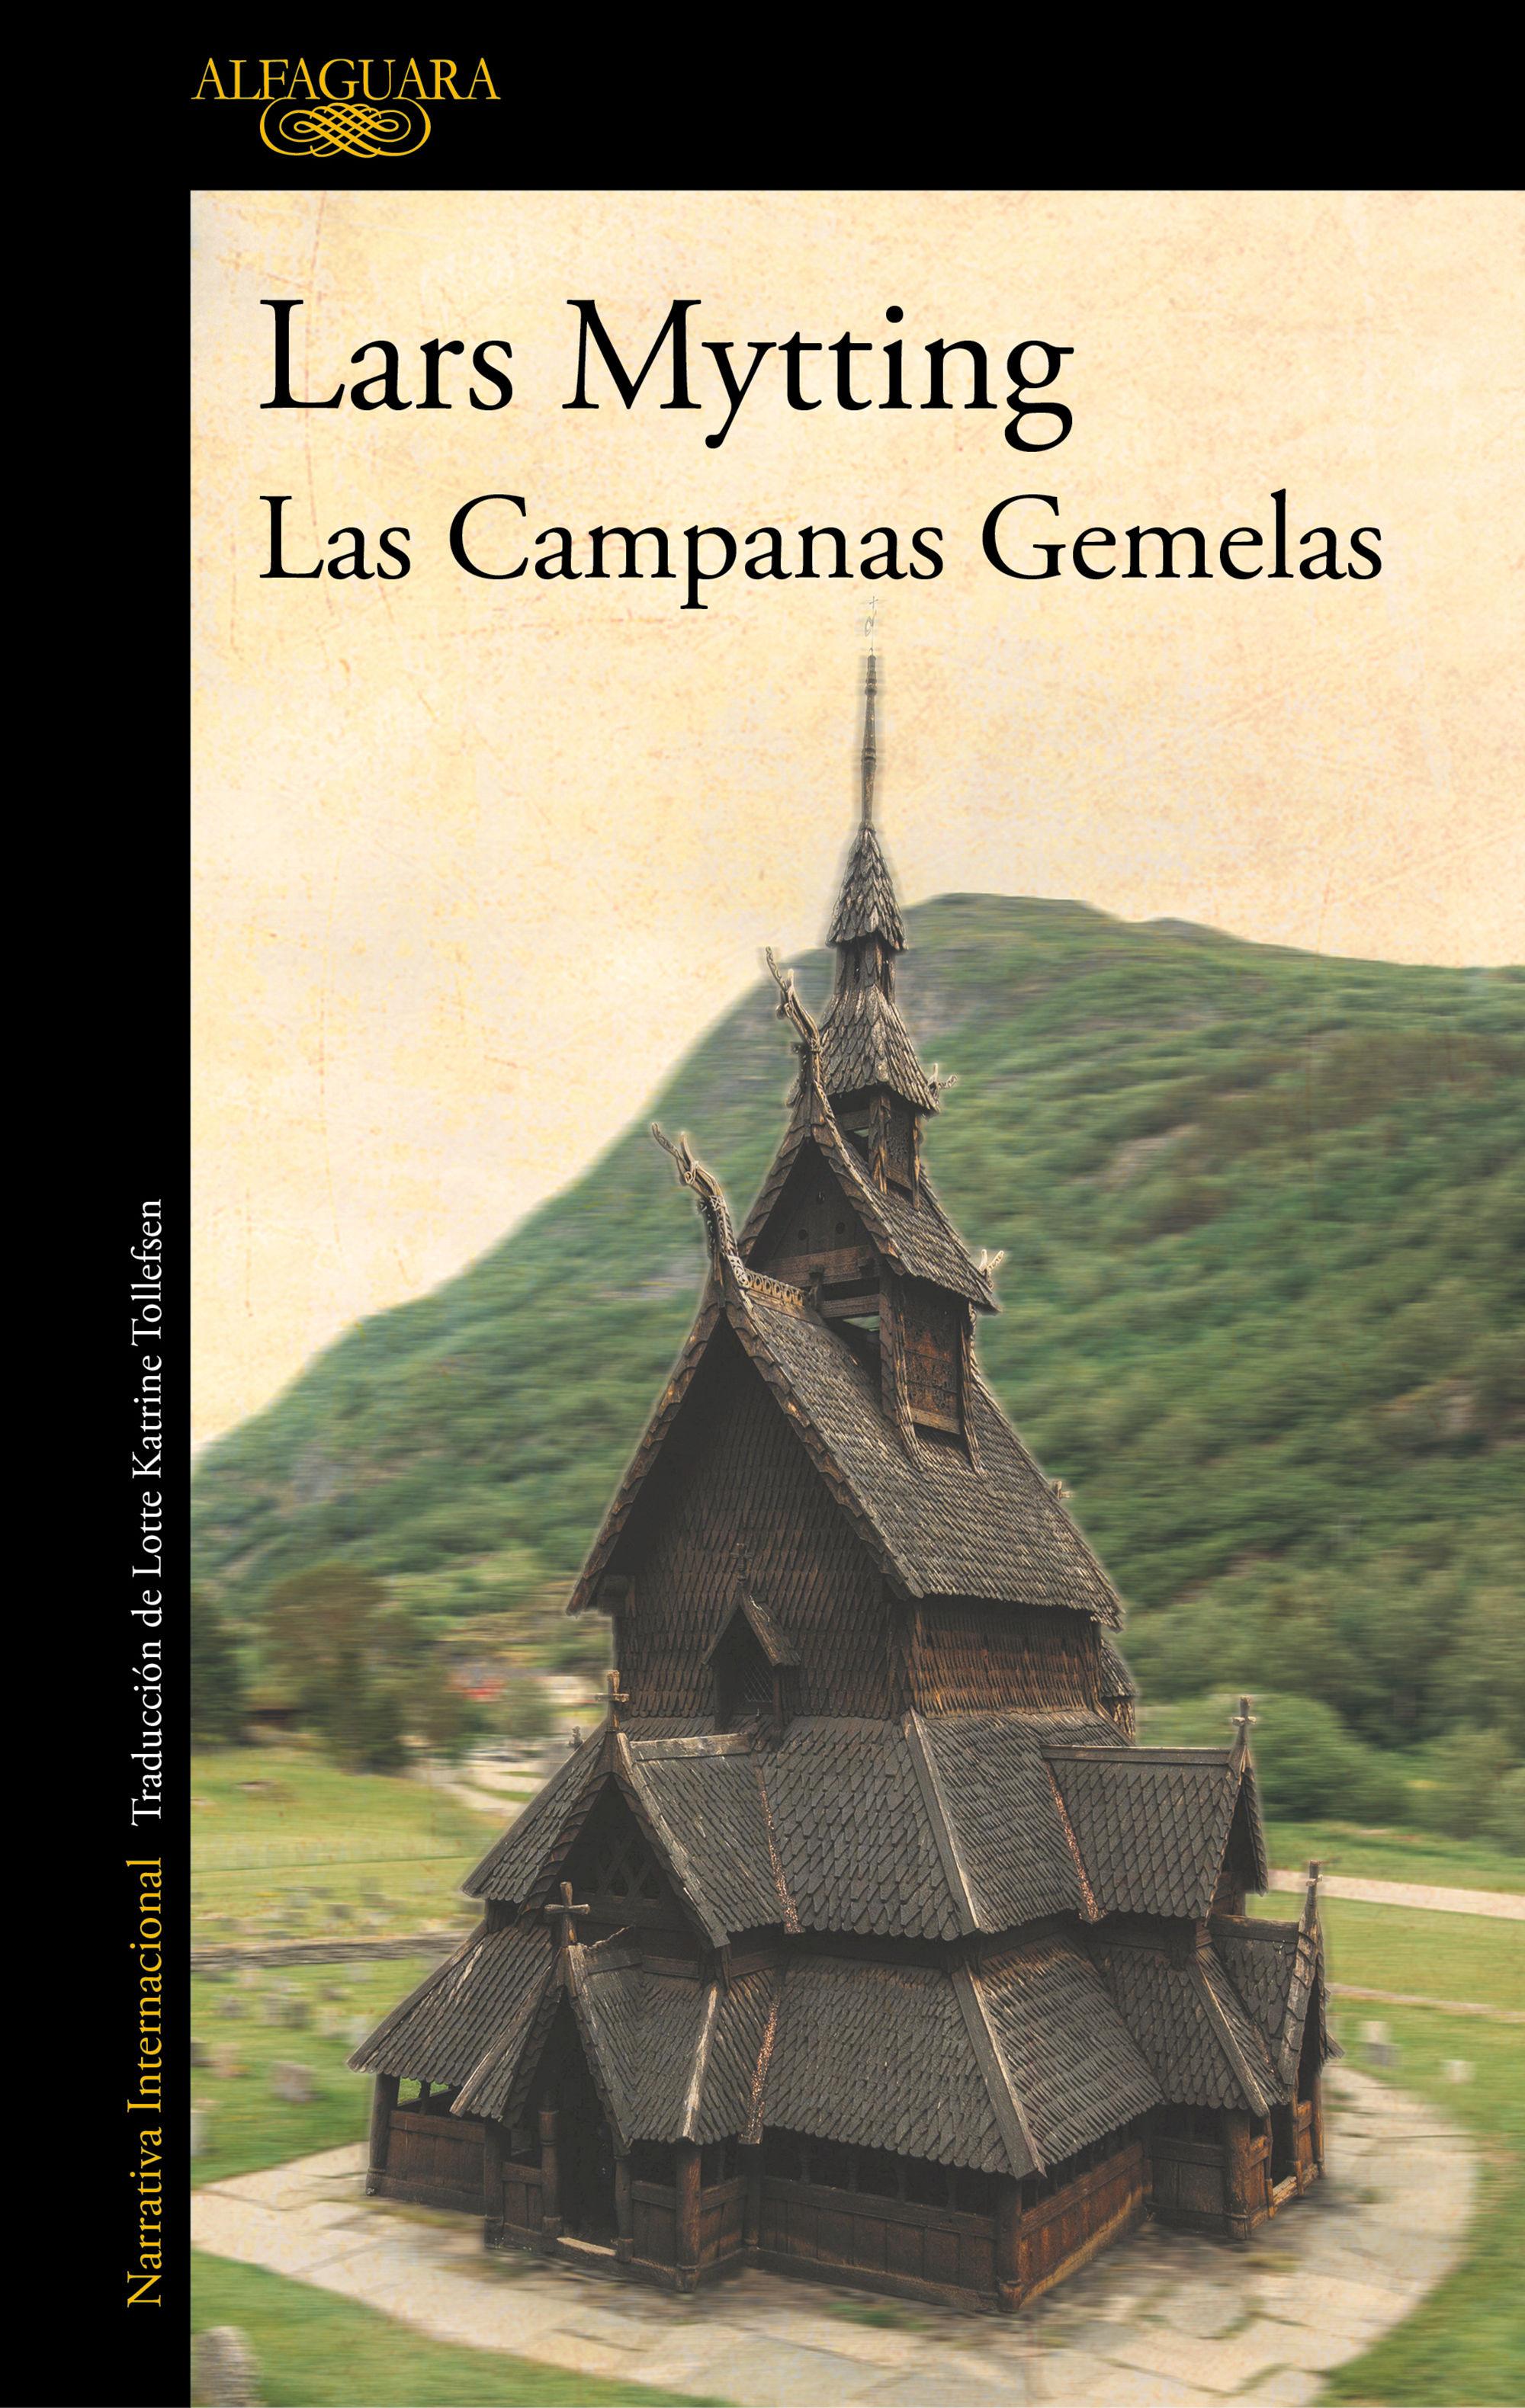 CAMPANAS GEMELAS LAS